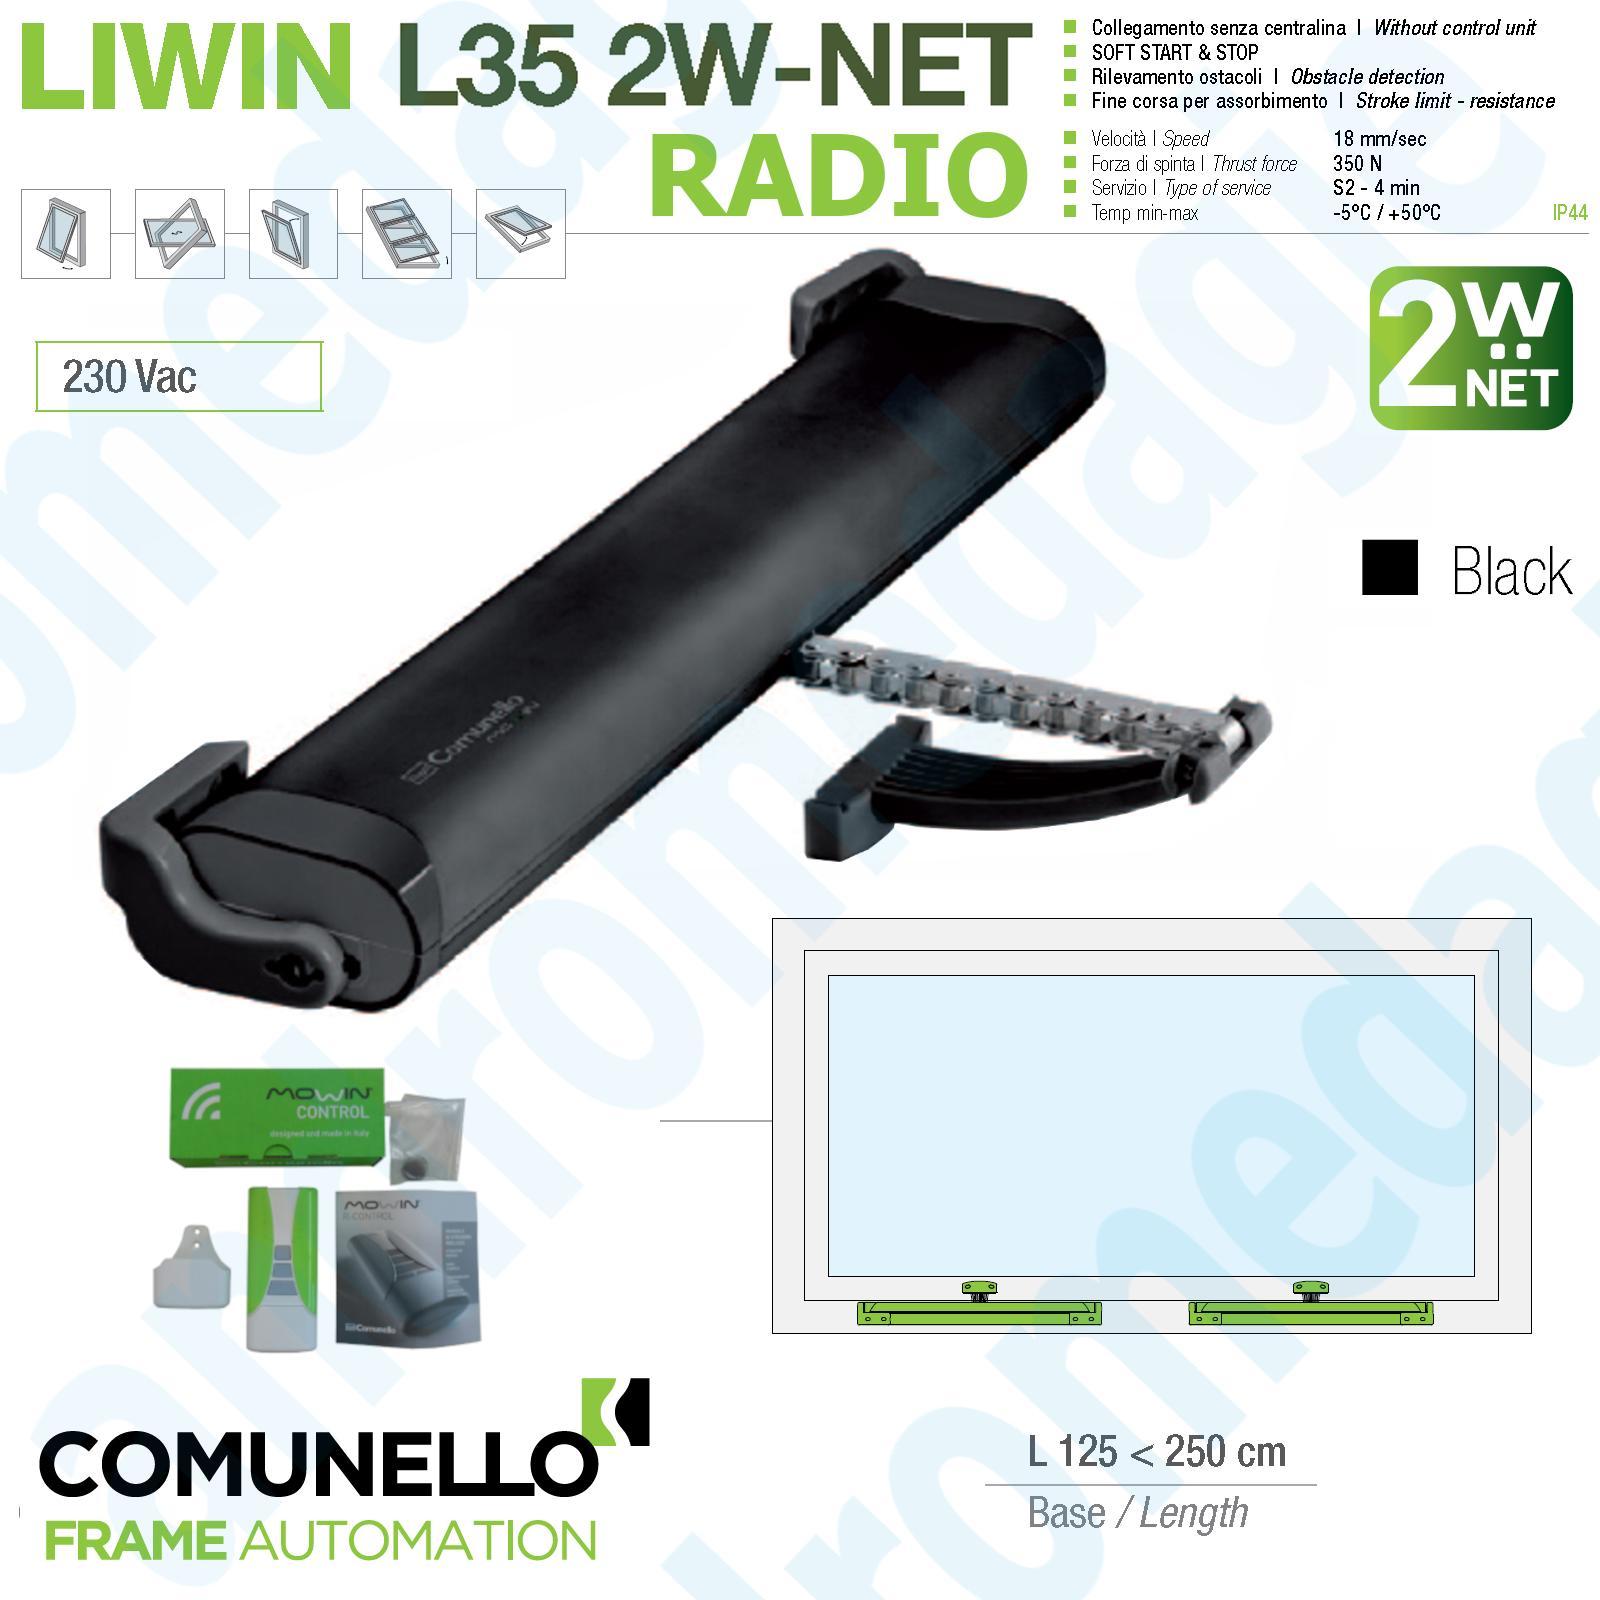 LIWIN 2W-NET RADIO 350N 230V NERO + R1 CONTROL VERDE + STAFFE ABBAINO NERE